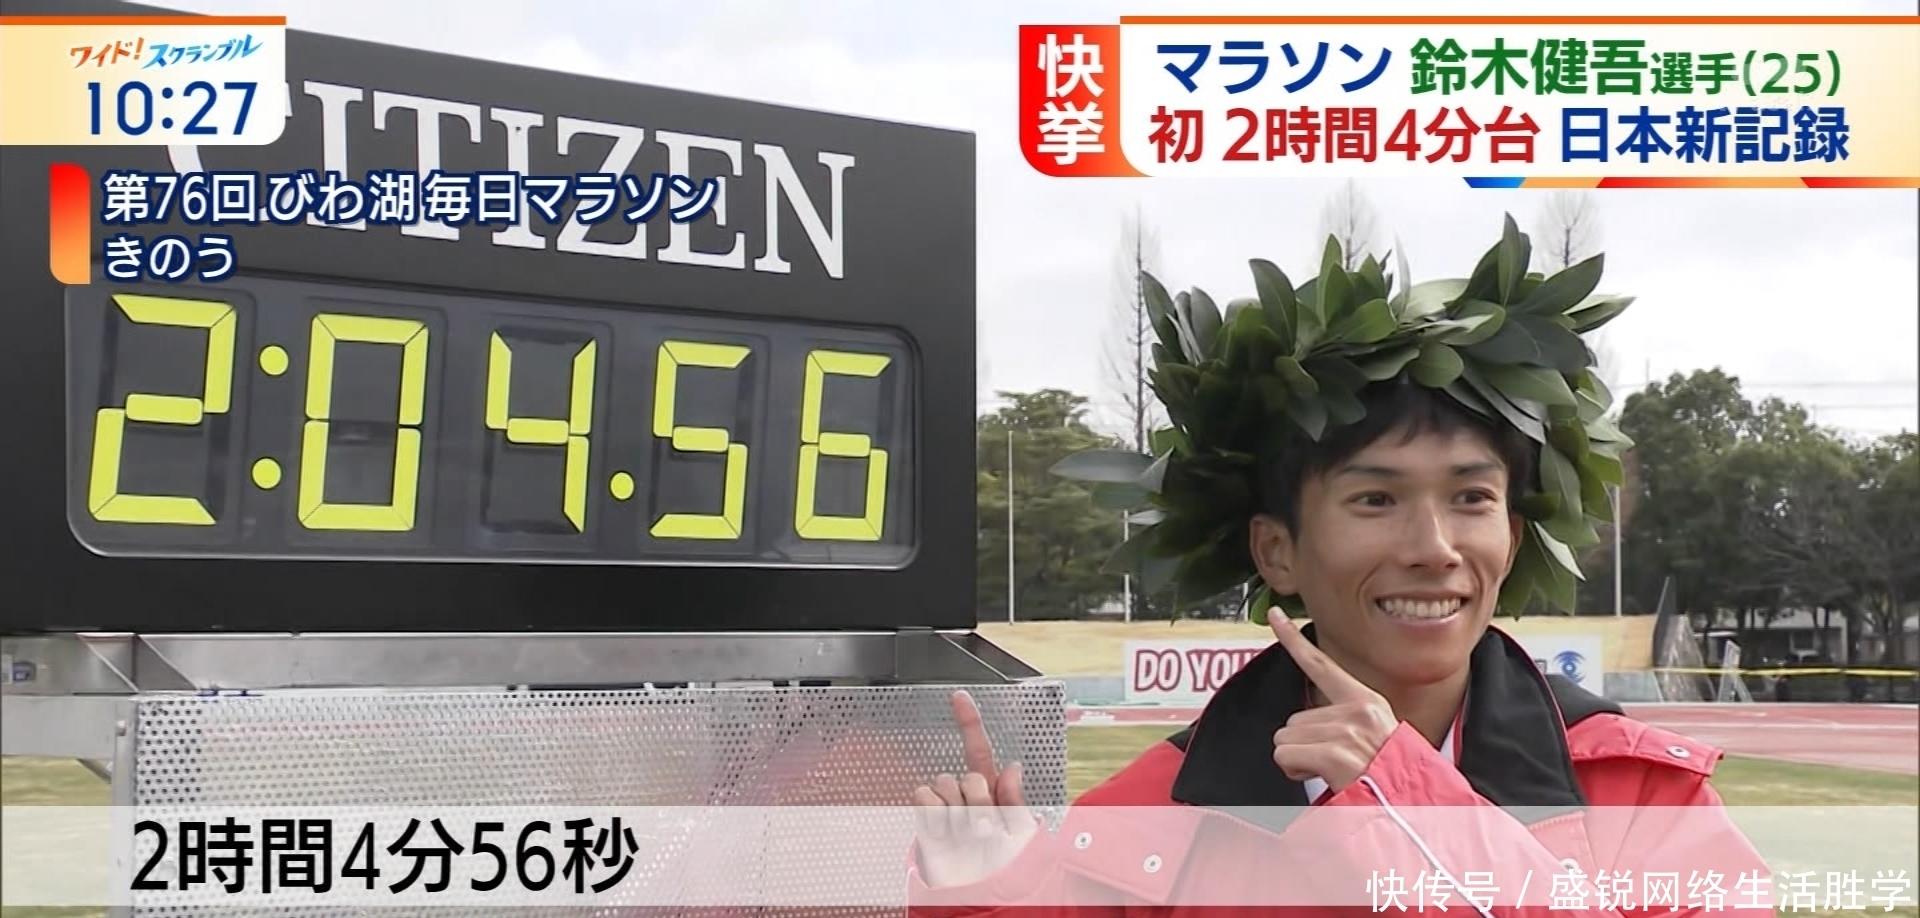 日本馬拉松更強!1米63名將破2小時5分 過去日本拿下3個奧運冠軍